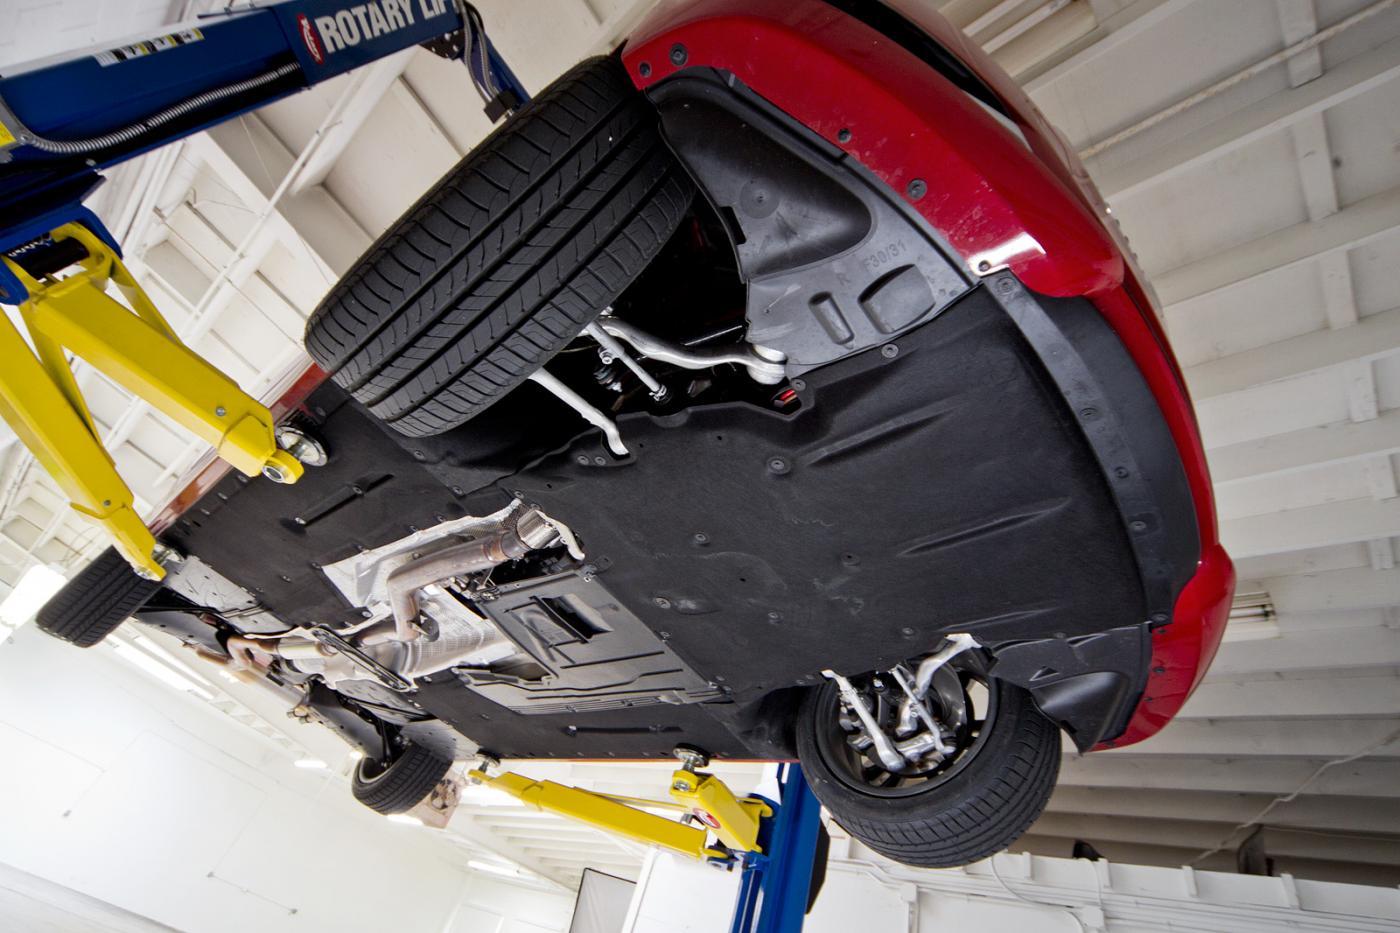 Edmunds Inside Line F30 328i Underbody Photos